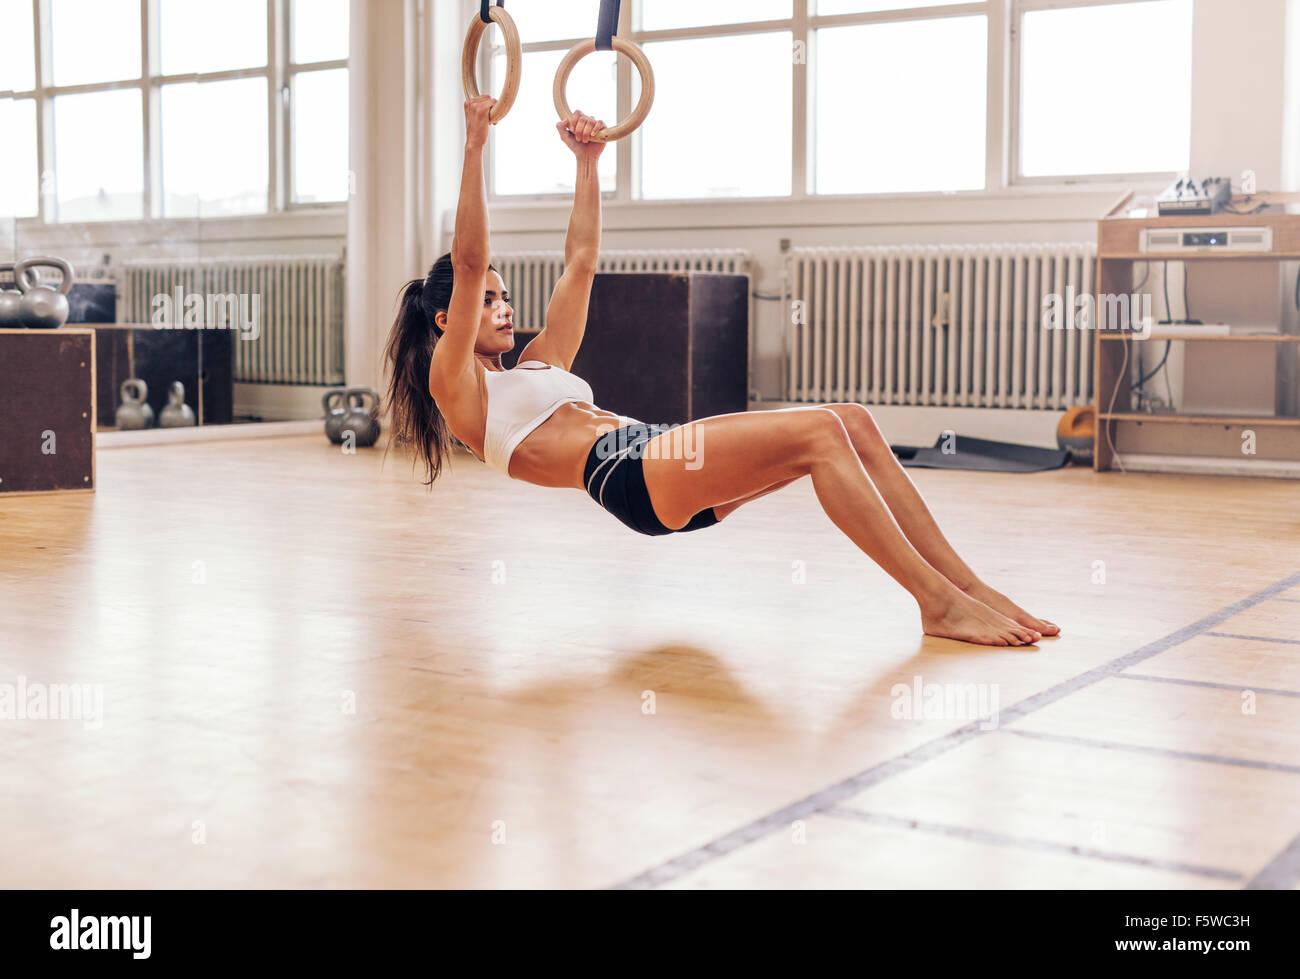 La jeune femme faisant tirer-se lève sur les joints toriques. Mettre en place jeunes femmes athlètes exerçant Photo Stock